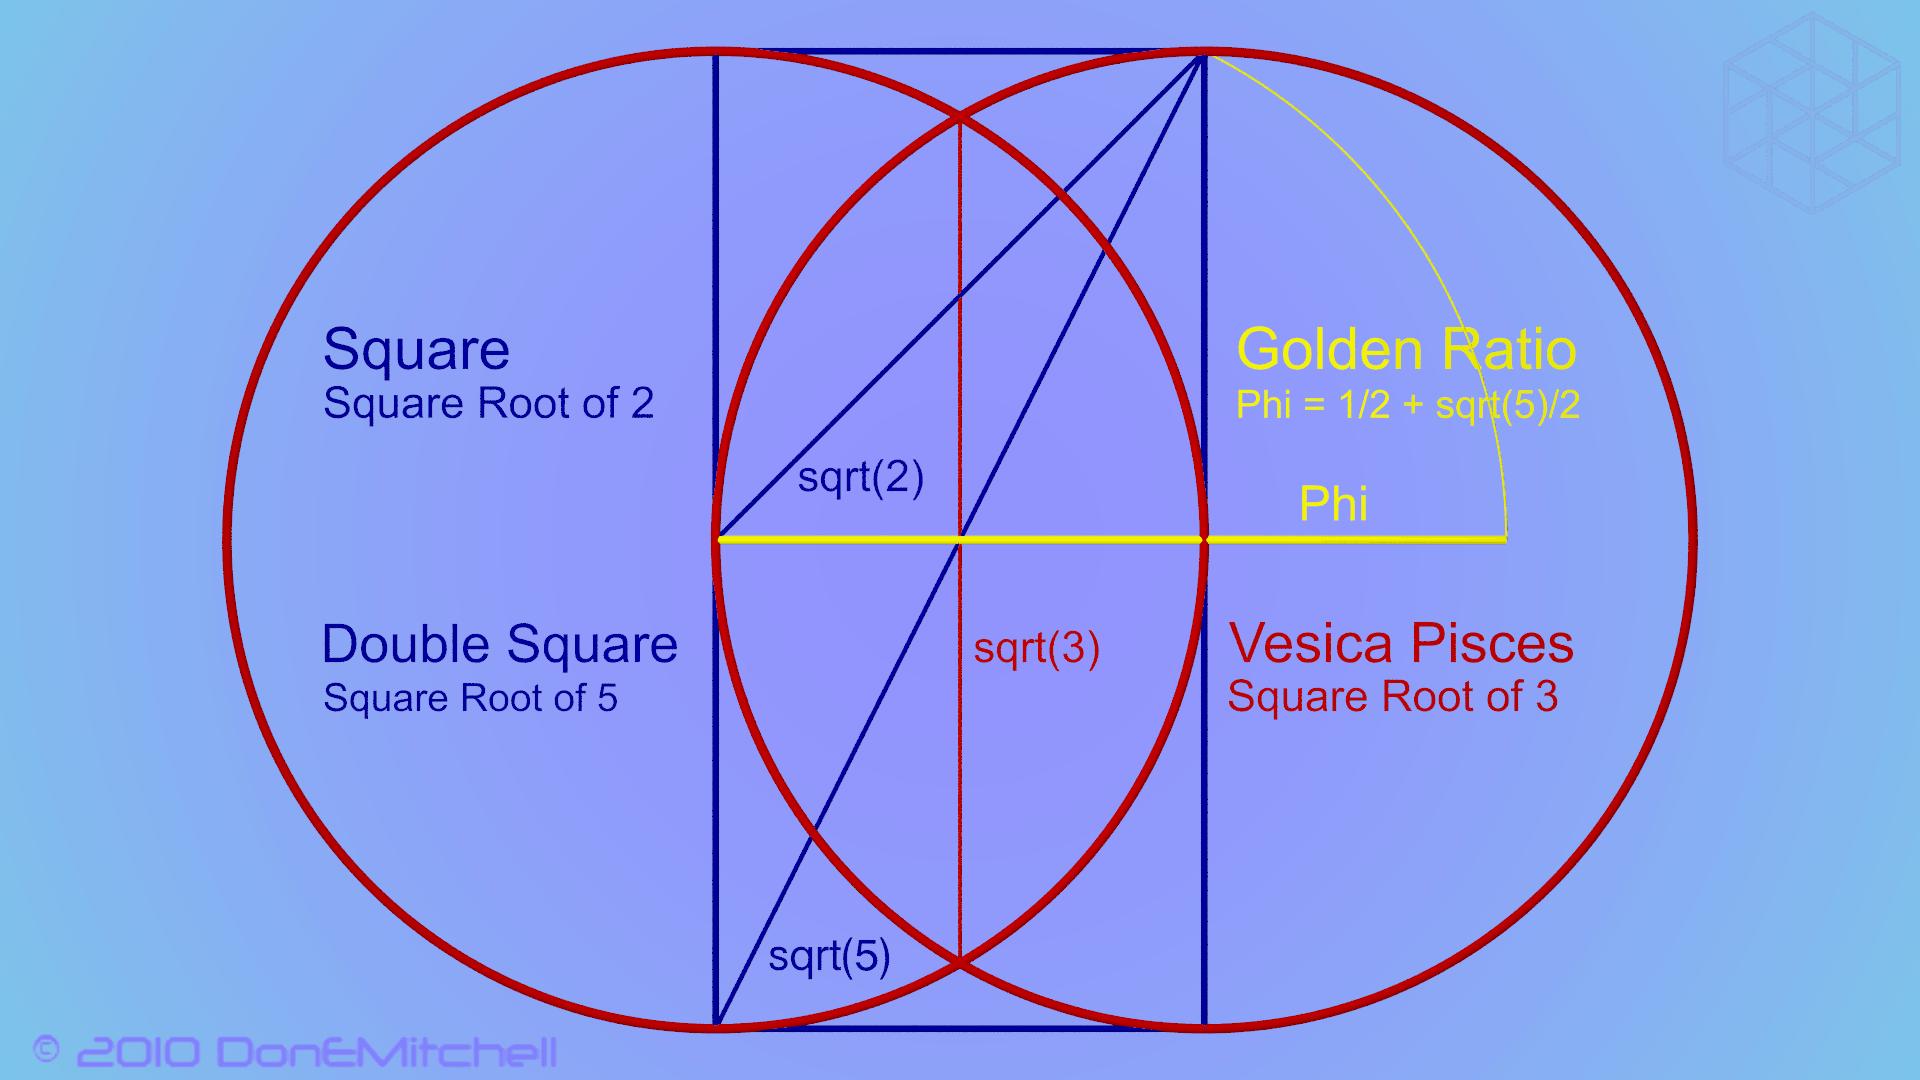 Vesica Piscis - DESENMASCARANDO LAS FALSAS DOCTRINAS - Gabitos | Piscis,  Geometría sagrada, Matematicas faciles